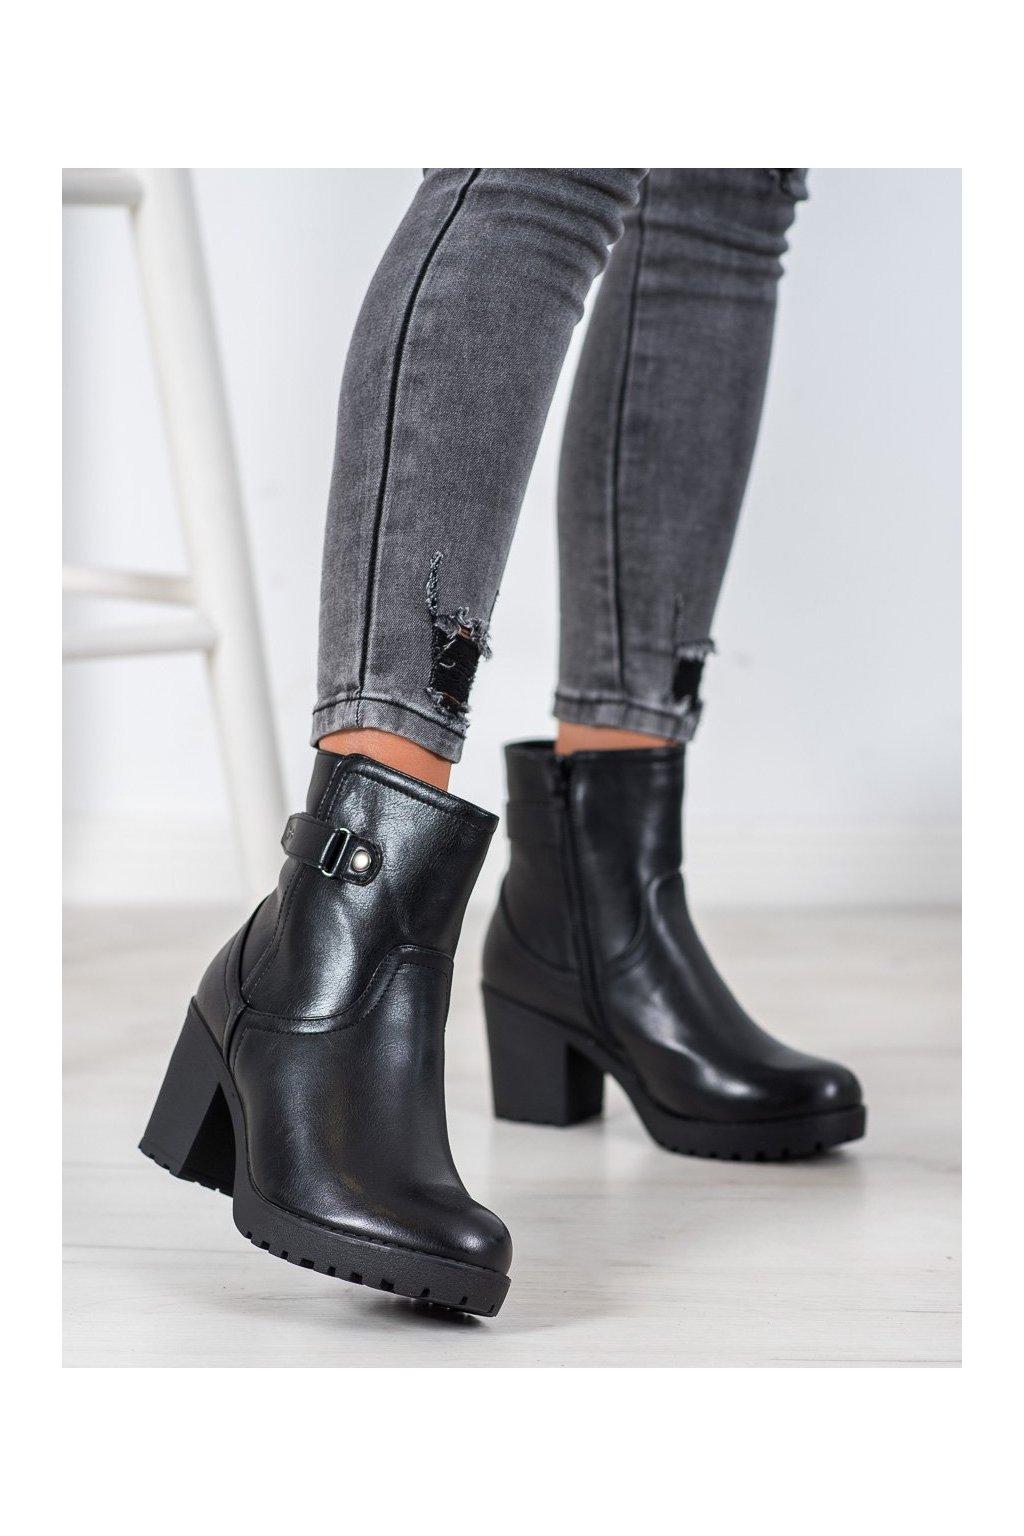 Čierne dámske topánky J. star kod A8111/A-B